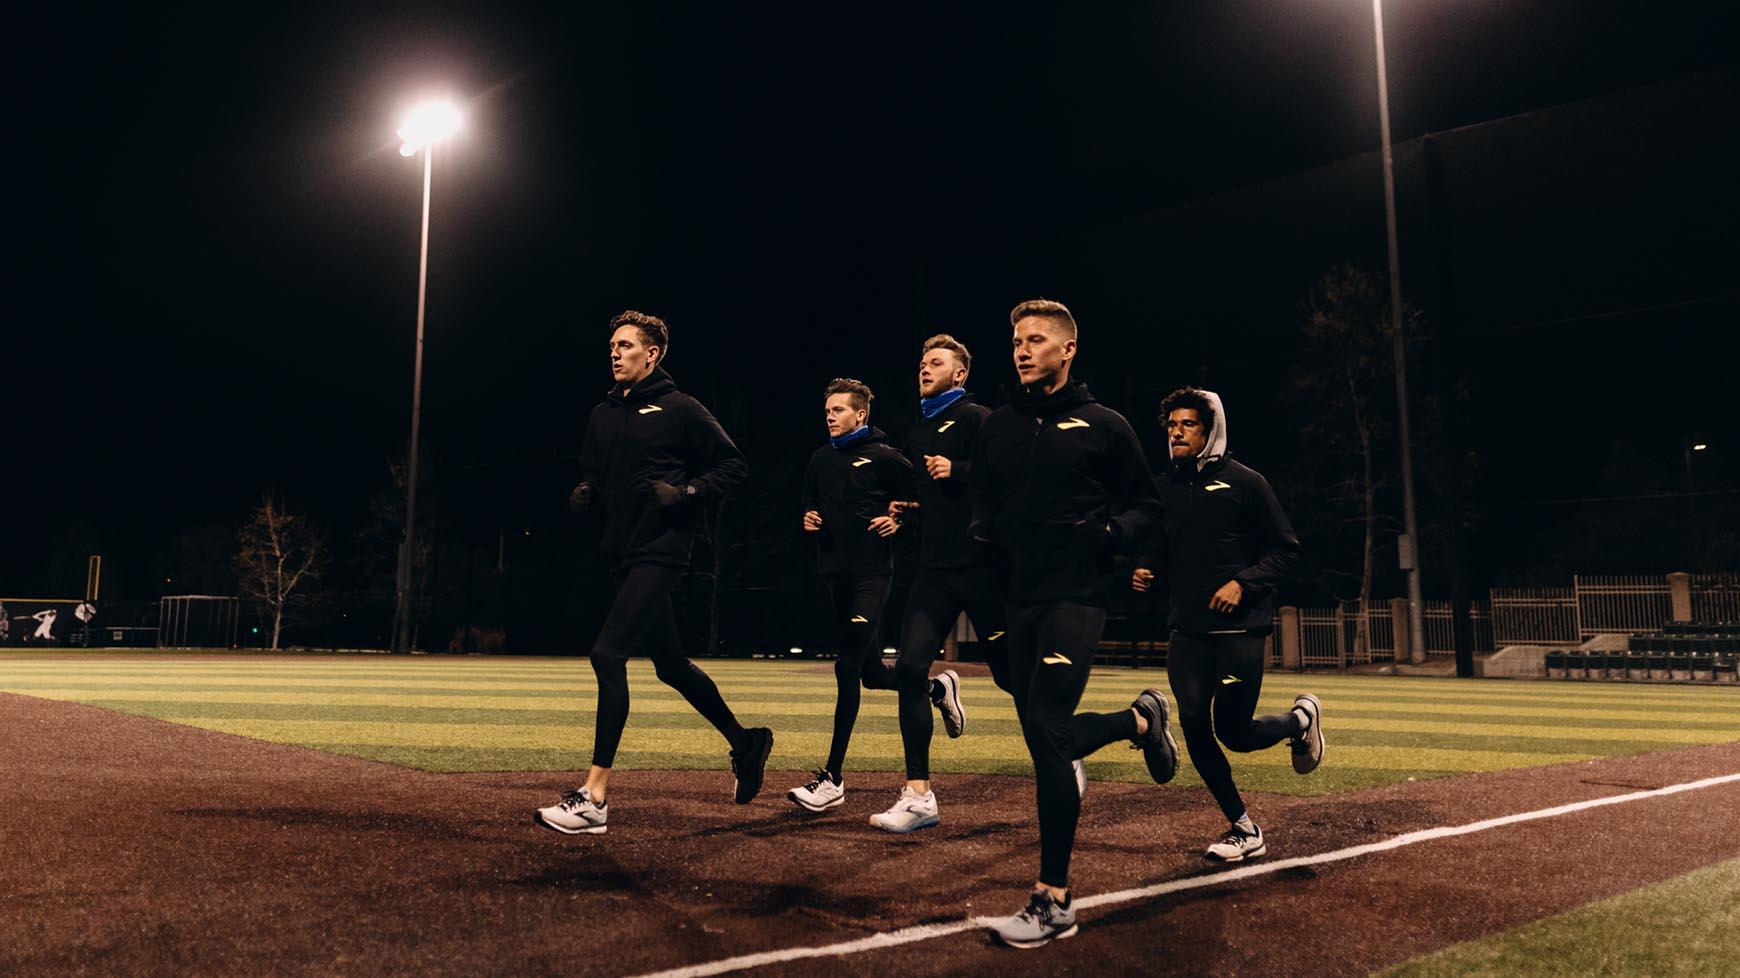 Brooks Beast Track Club on a run at night